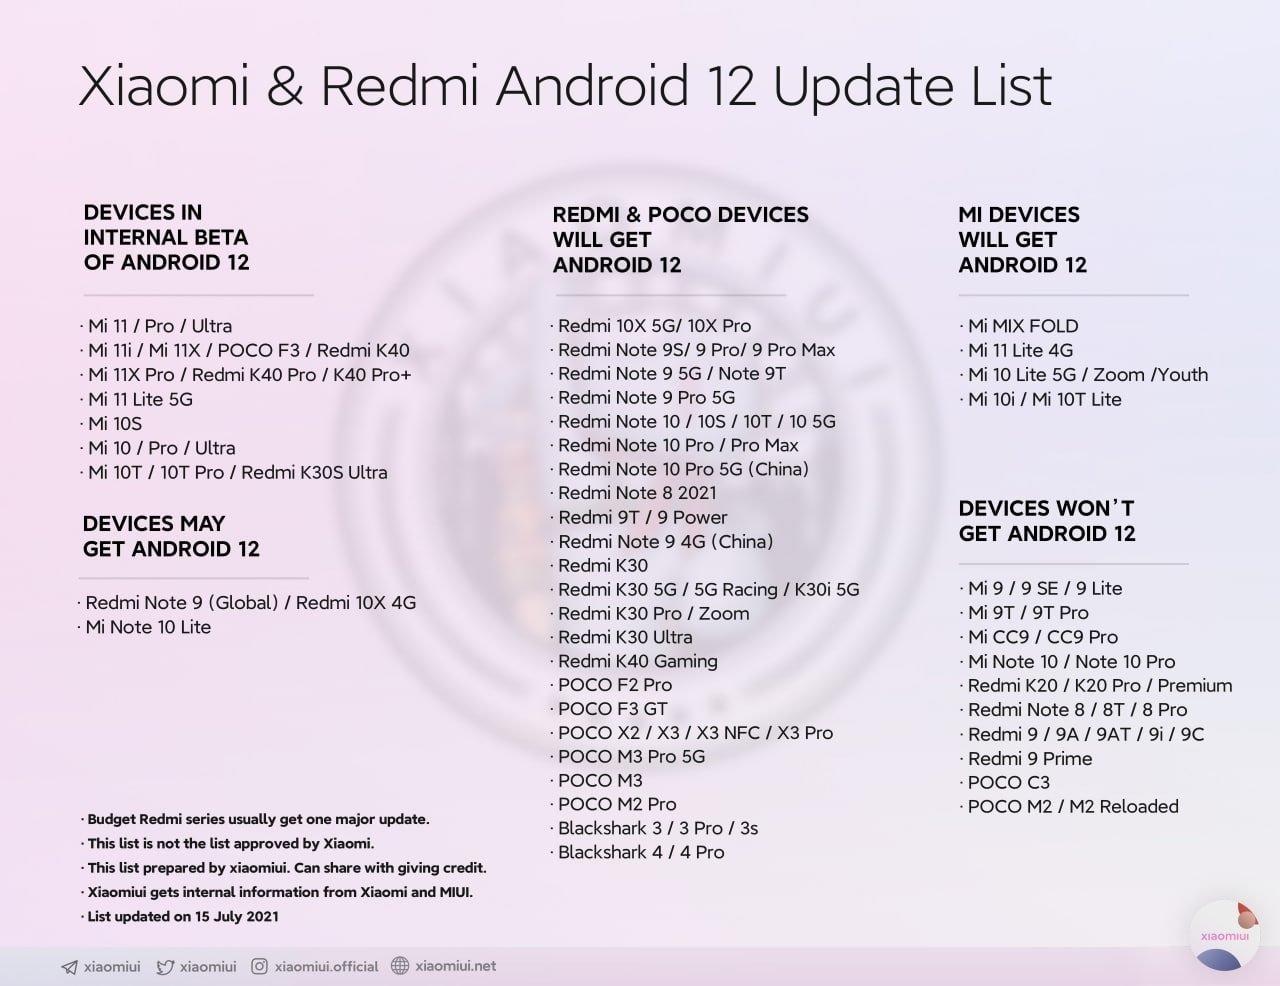 Dispositivos que podem receber Android 12 xiaomi